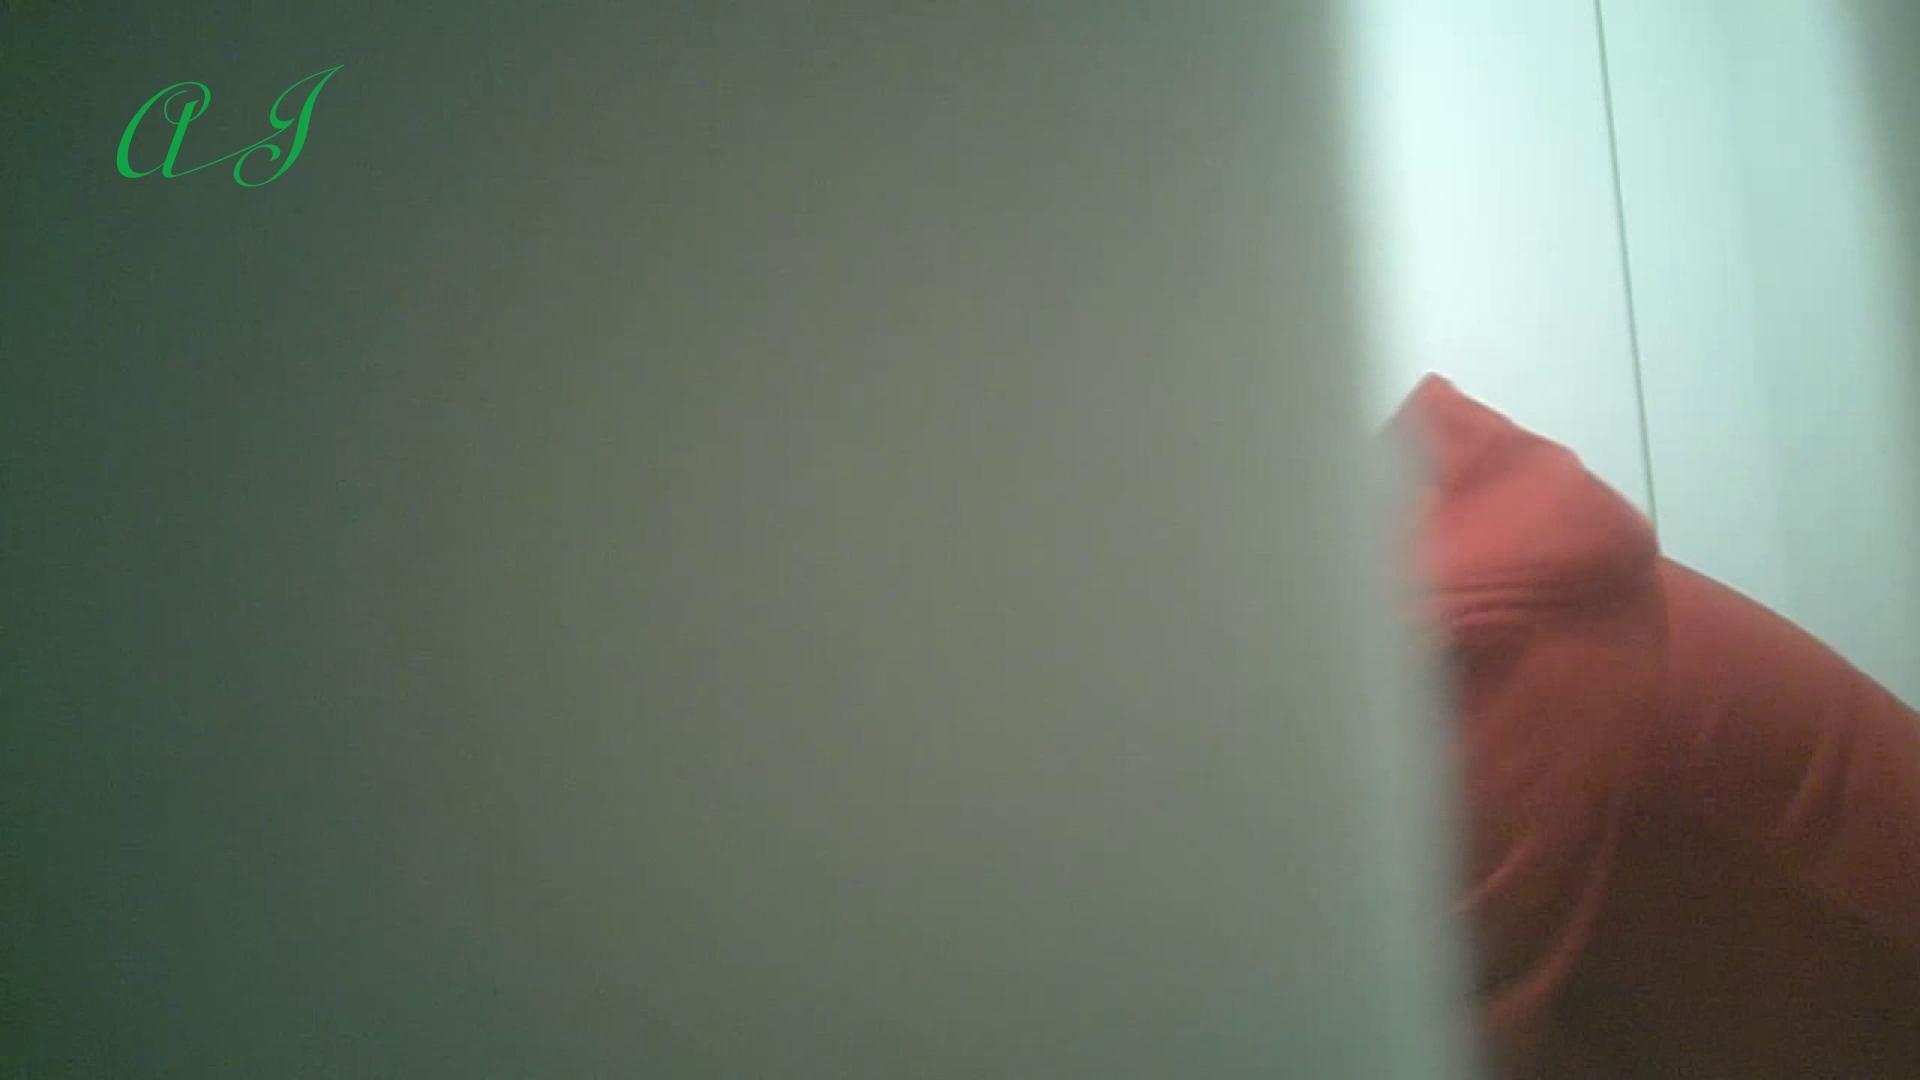 有名大学女性洗面所 vol.59 新アングル追加!相変わらずの美女率!! 丸見えマンコ   洗面所  77画像 7